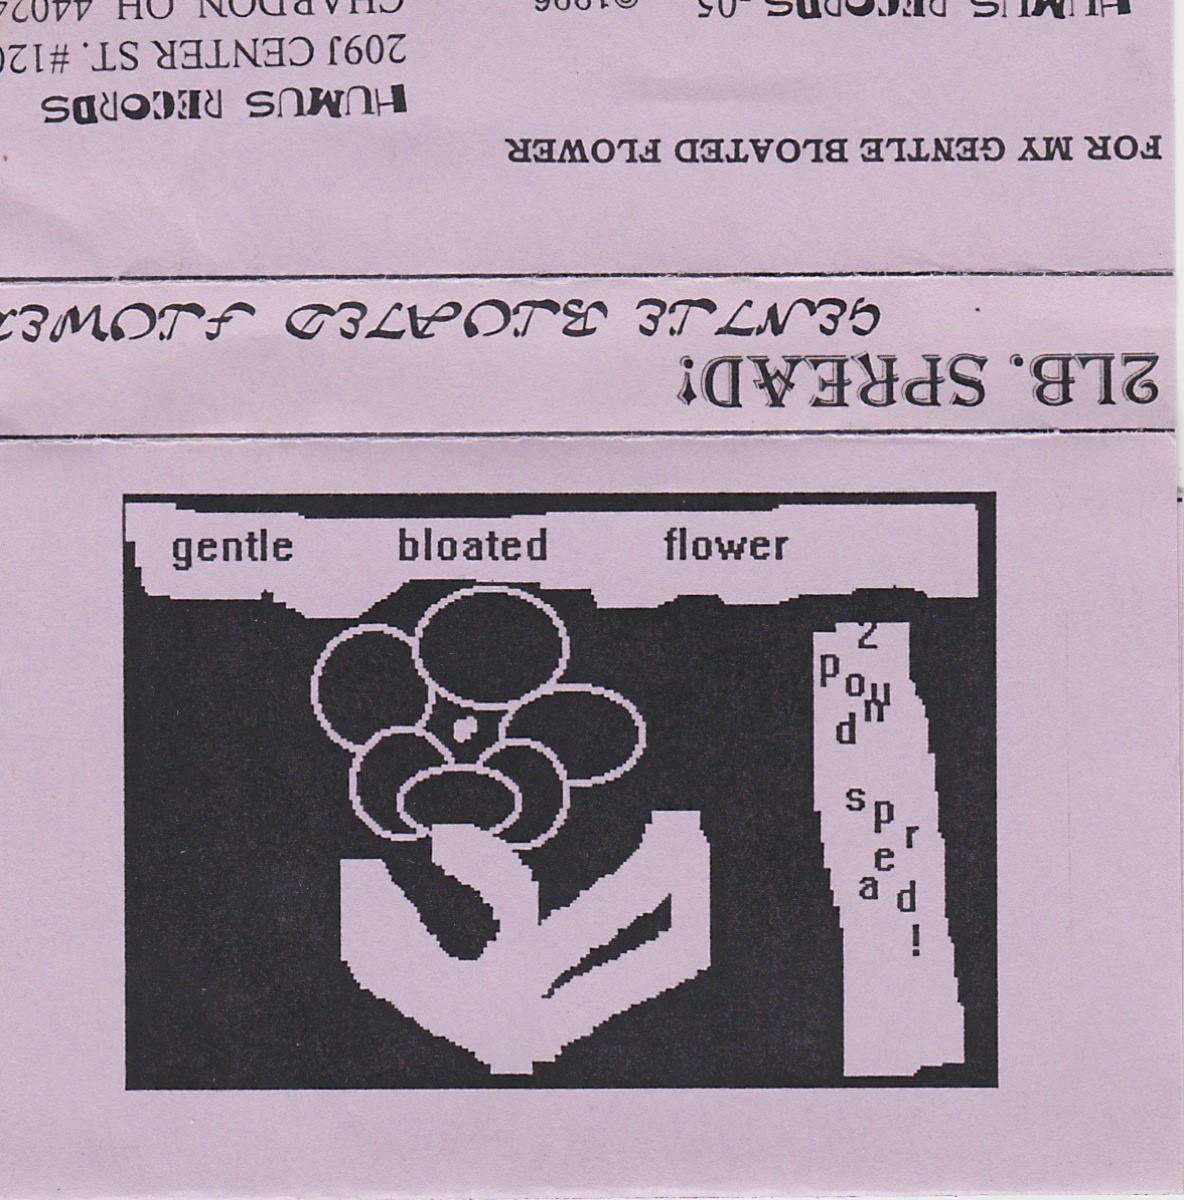 2Lb. Spread!, Gentle Bloated Flower, 1996